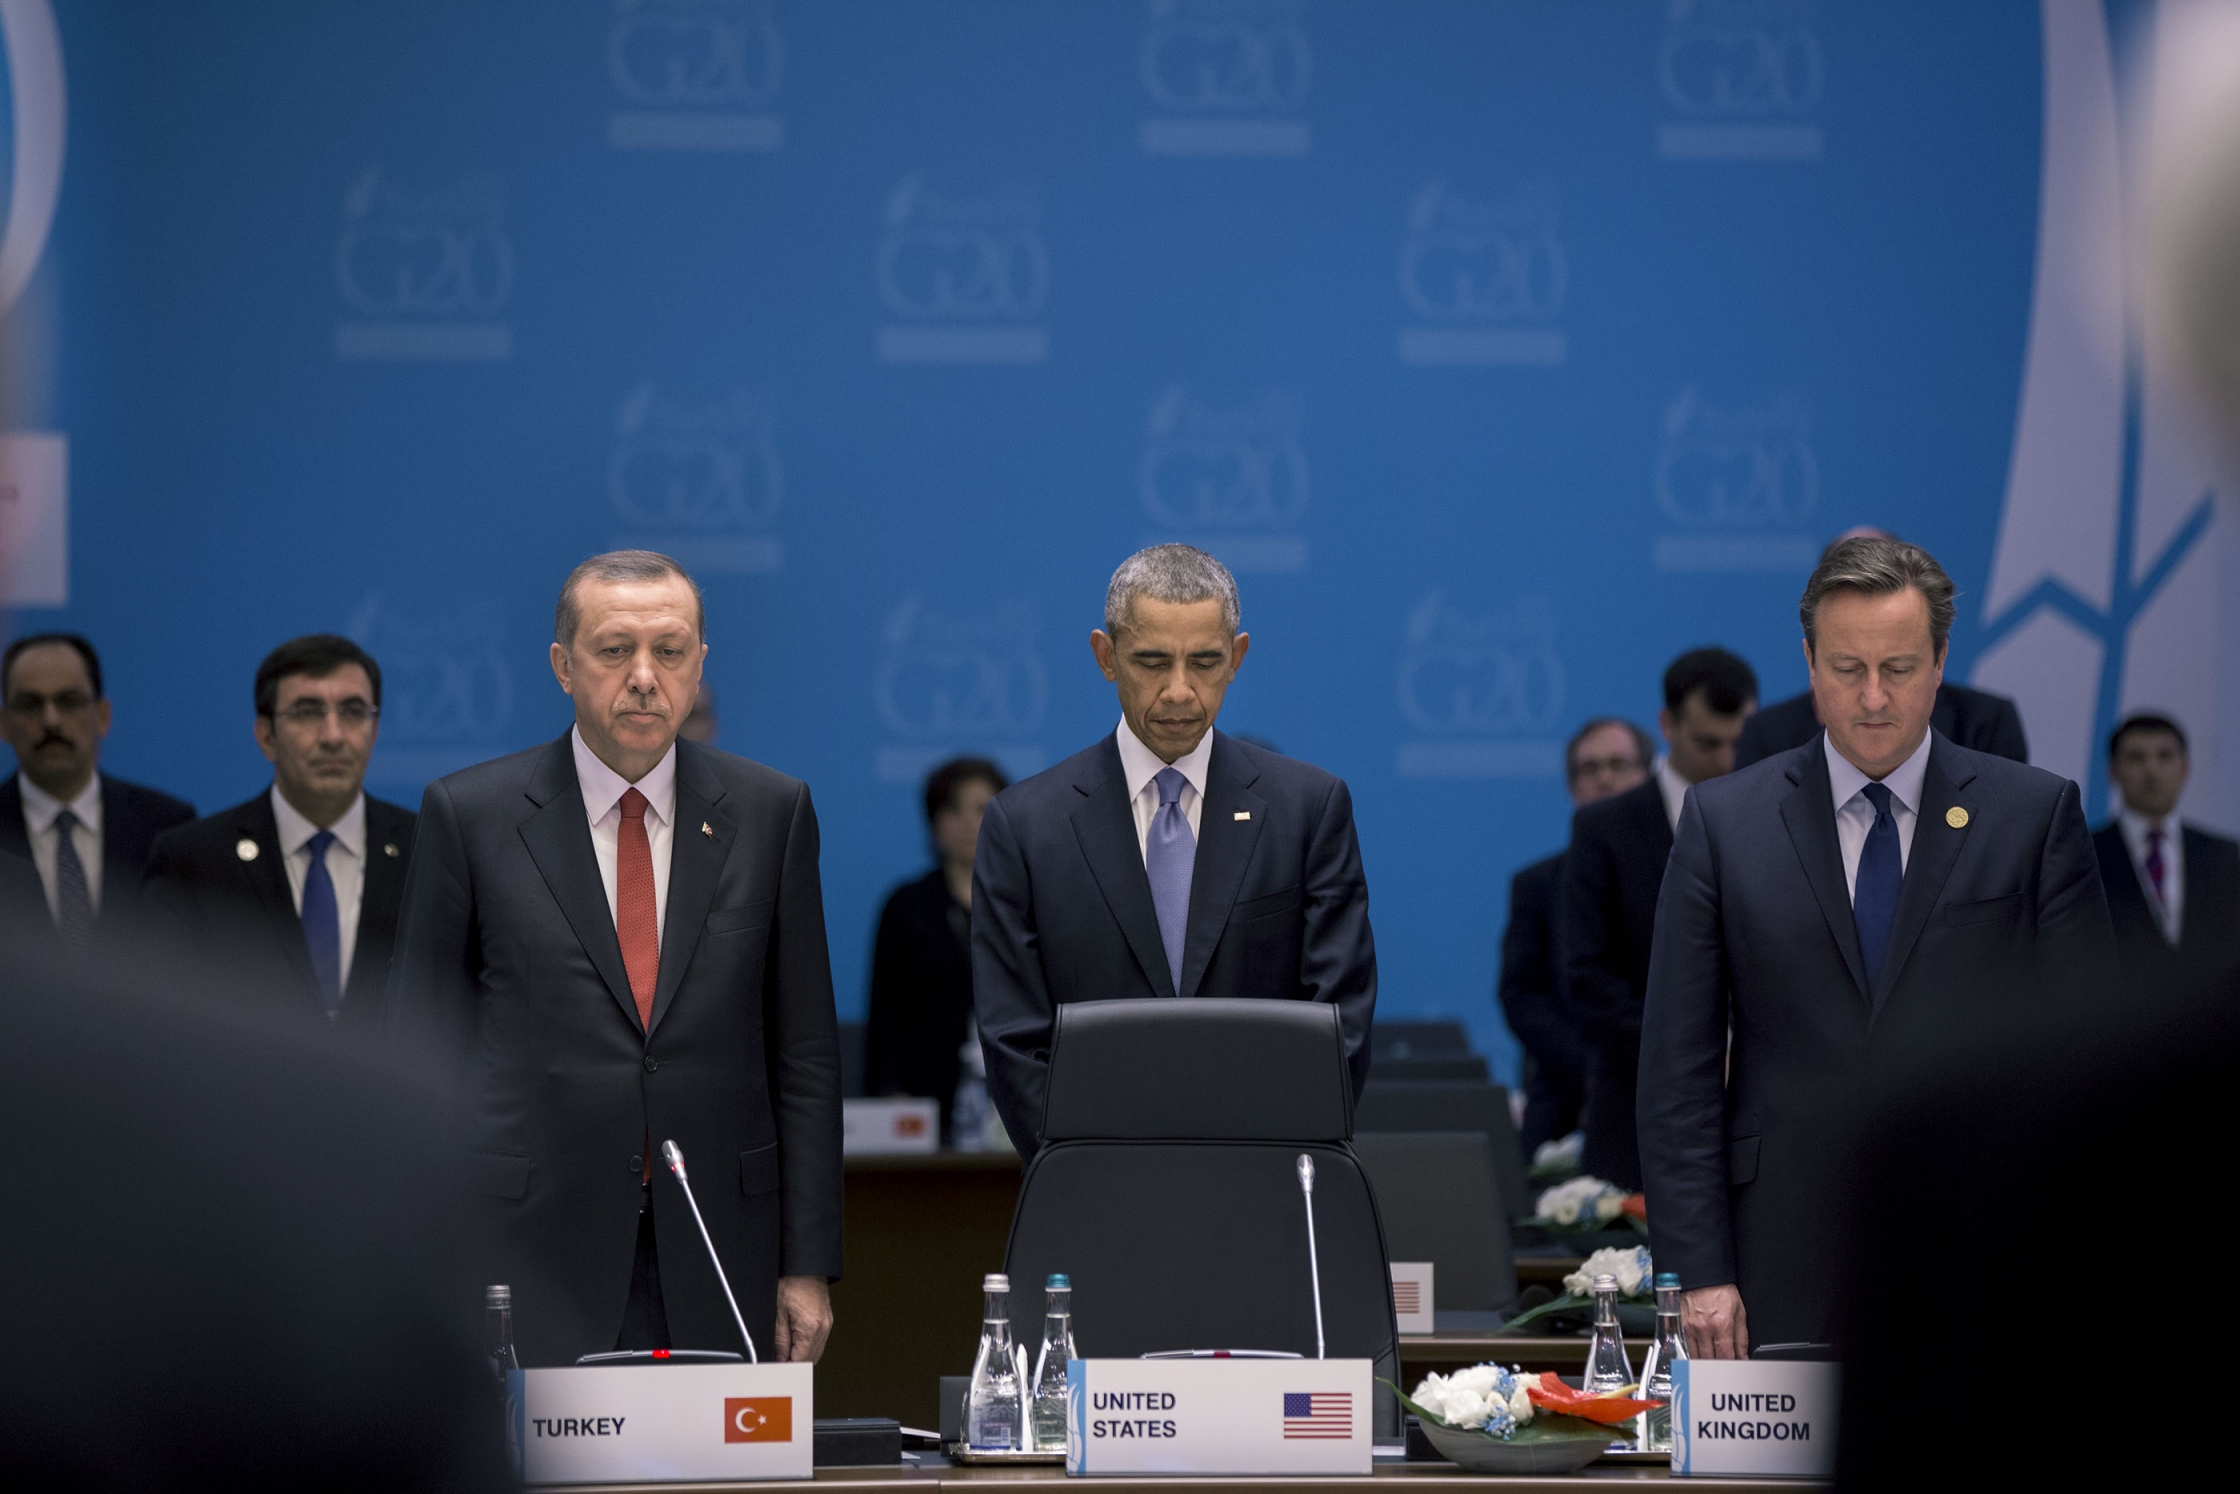 dosyarecep tayyip erdoğan barack obama and david cameron